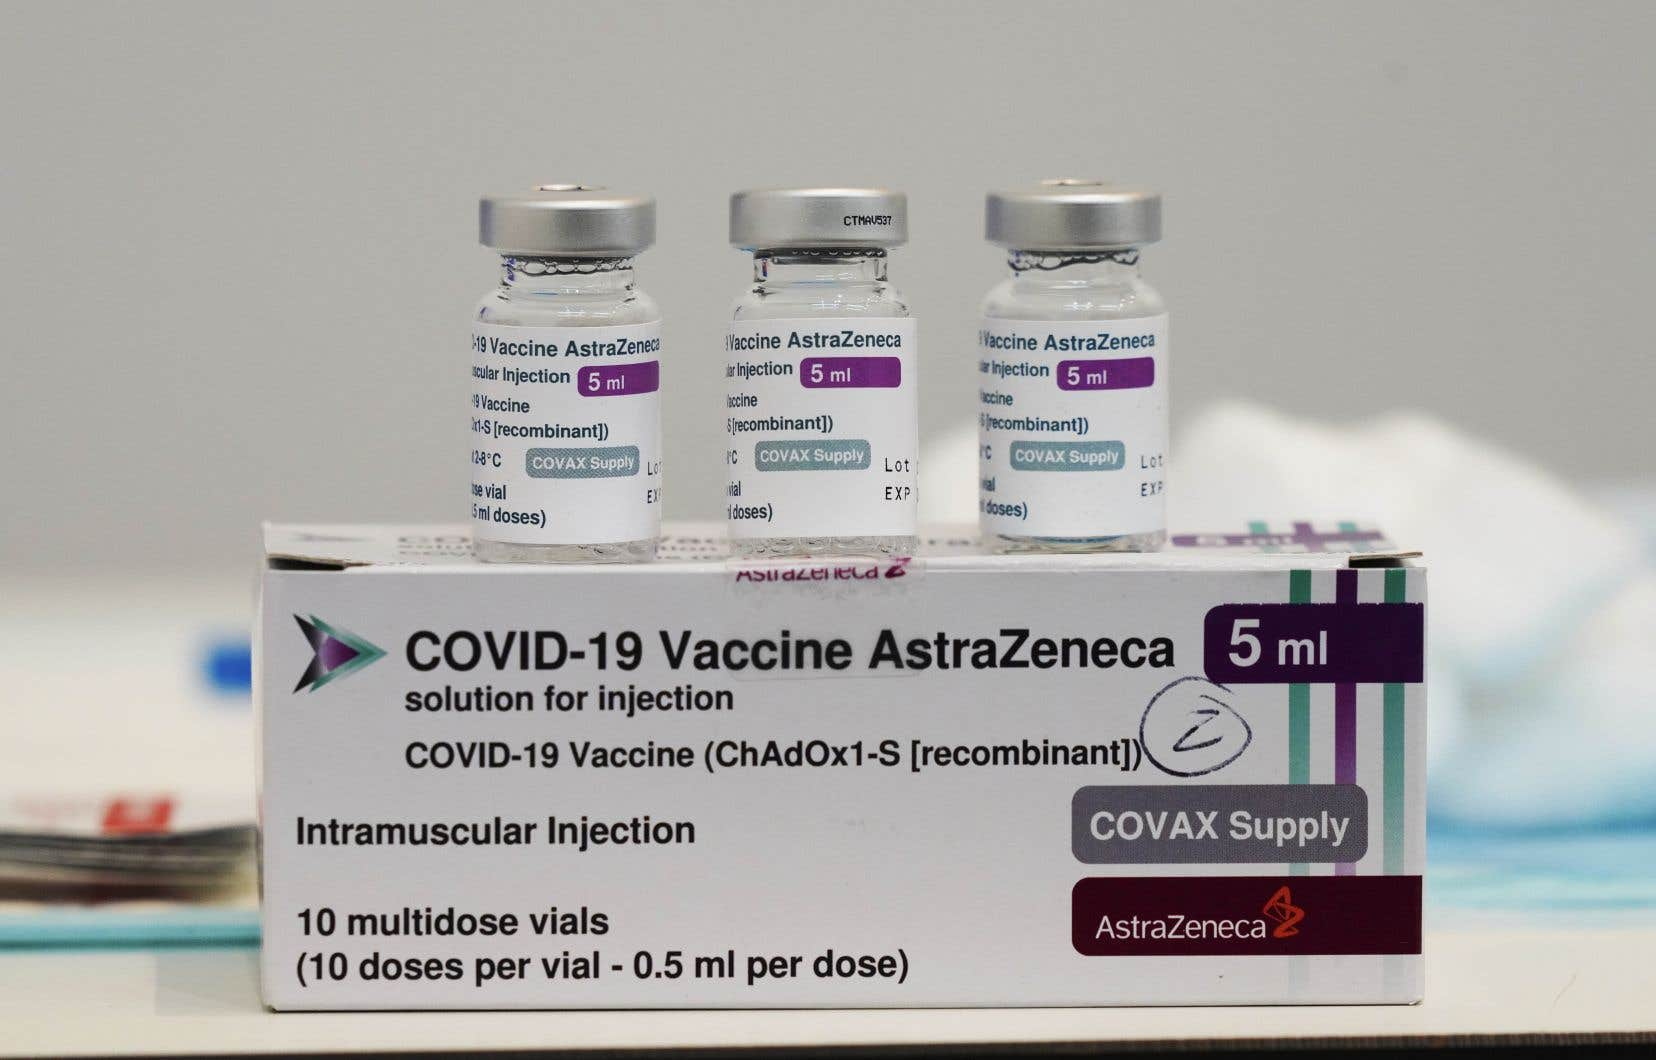 Le Québec, qui vient de recevoir 148000 doses d'AstraZeneca, a cessé d'utiliser ce vaccin en première dose.